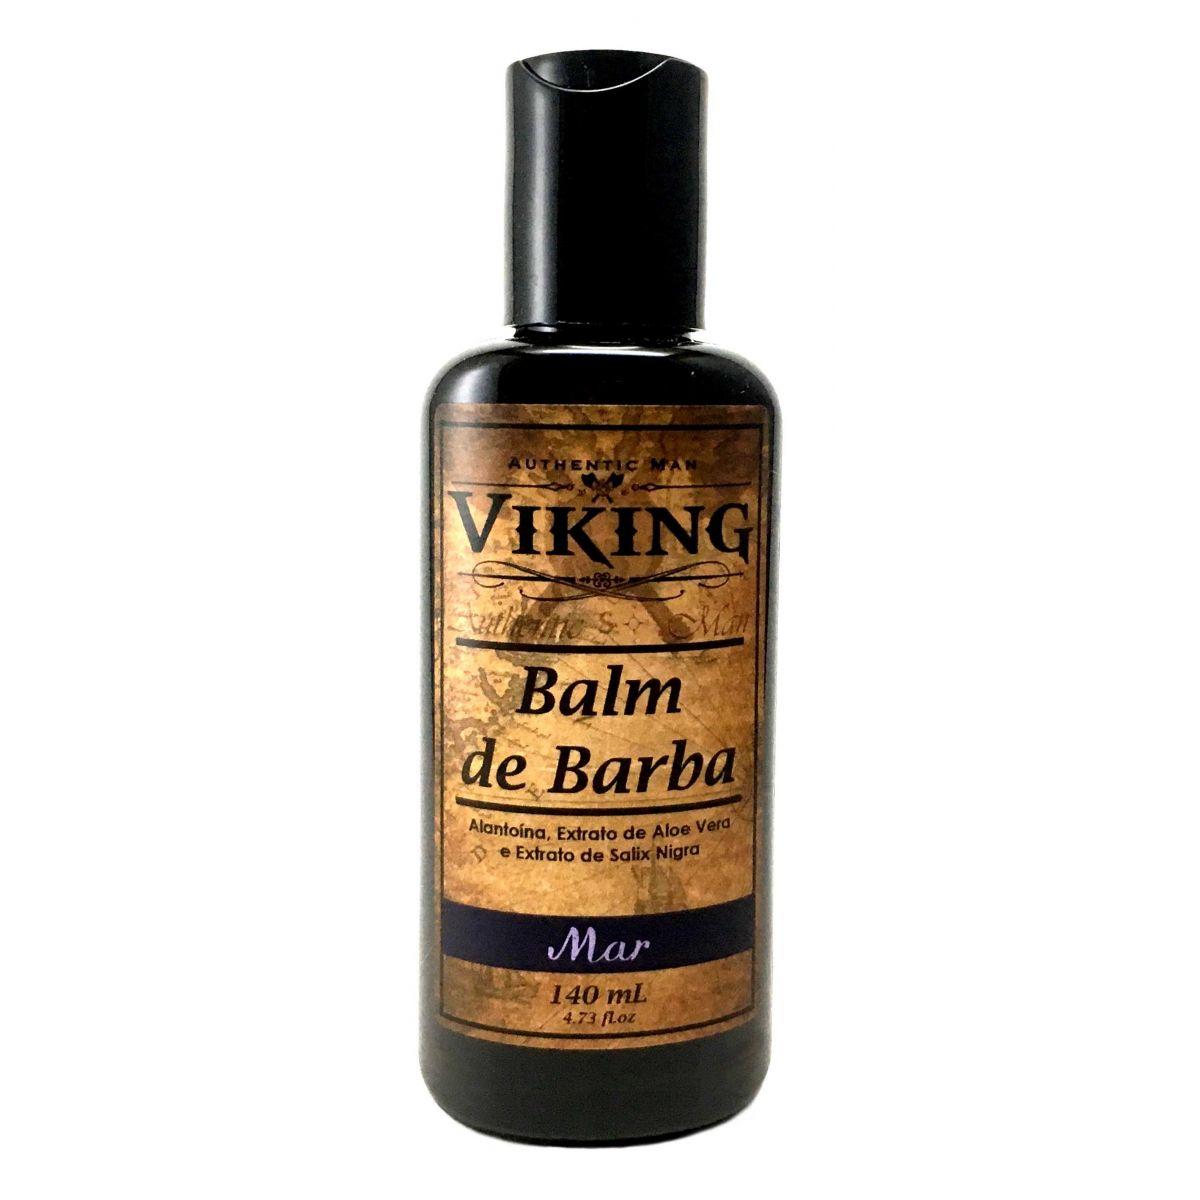 Kit de Barba - Linha Mar - Viking  - Viking